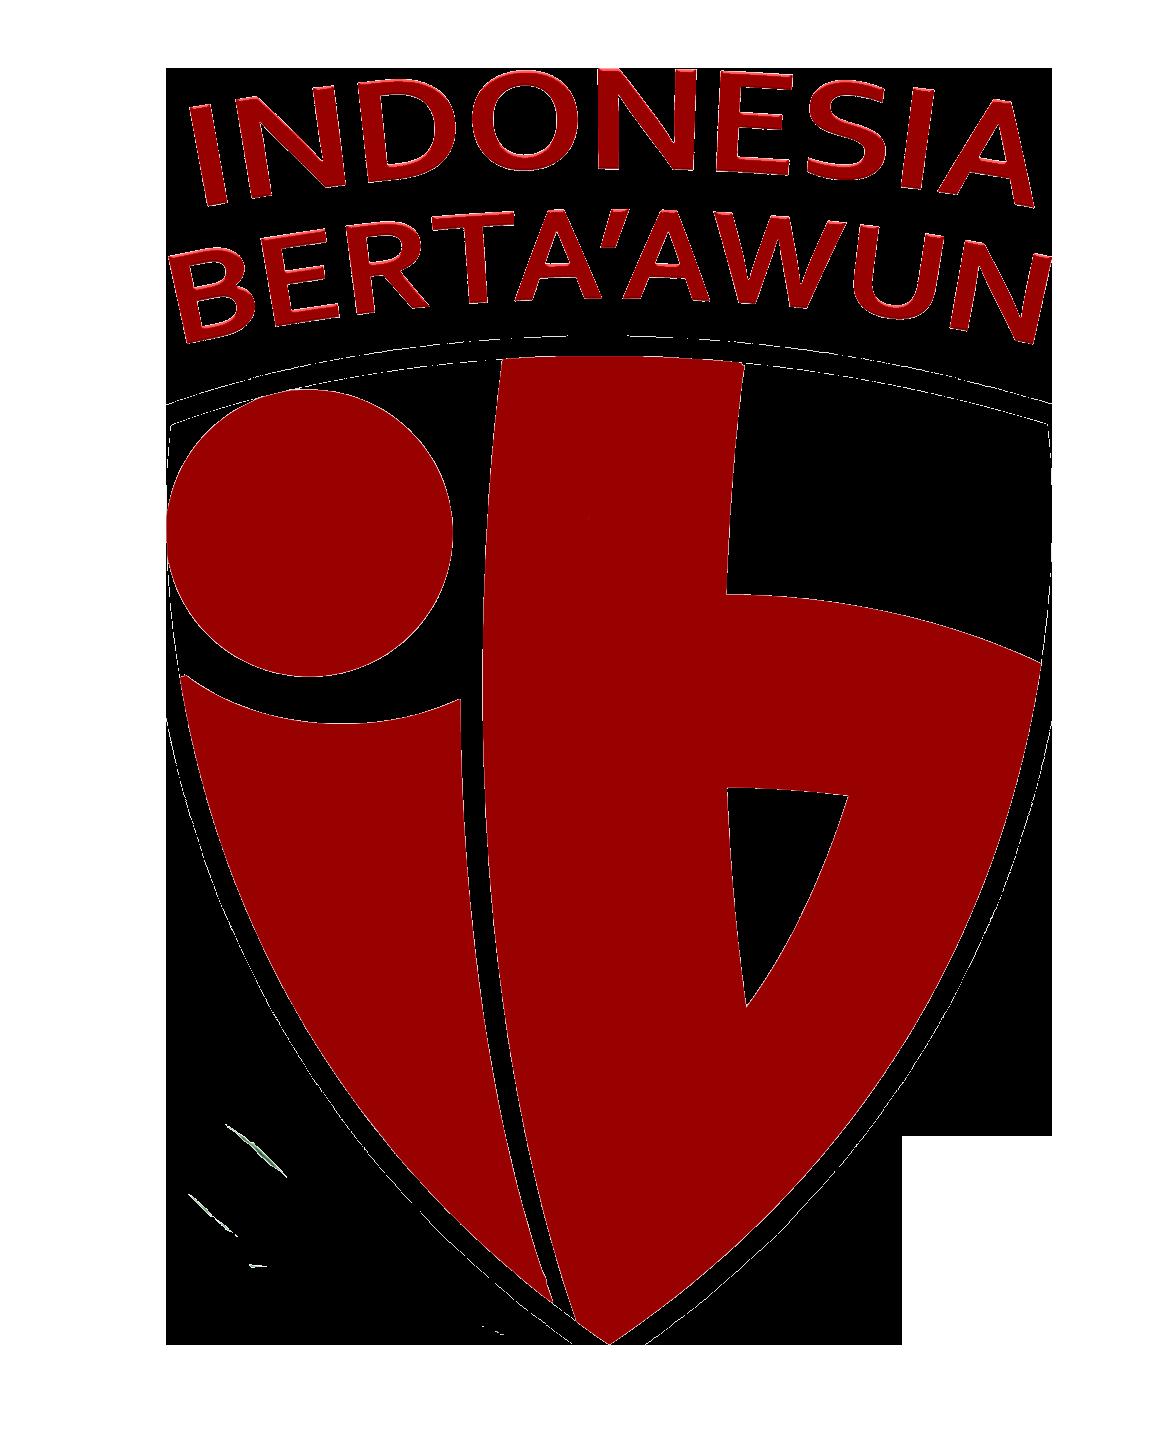 Indonesia Berta'awun